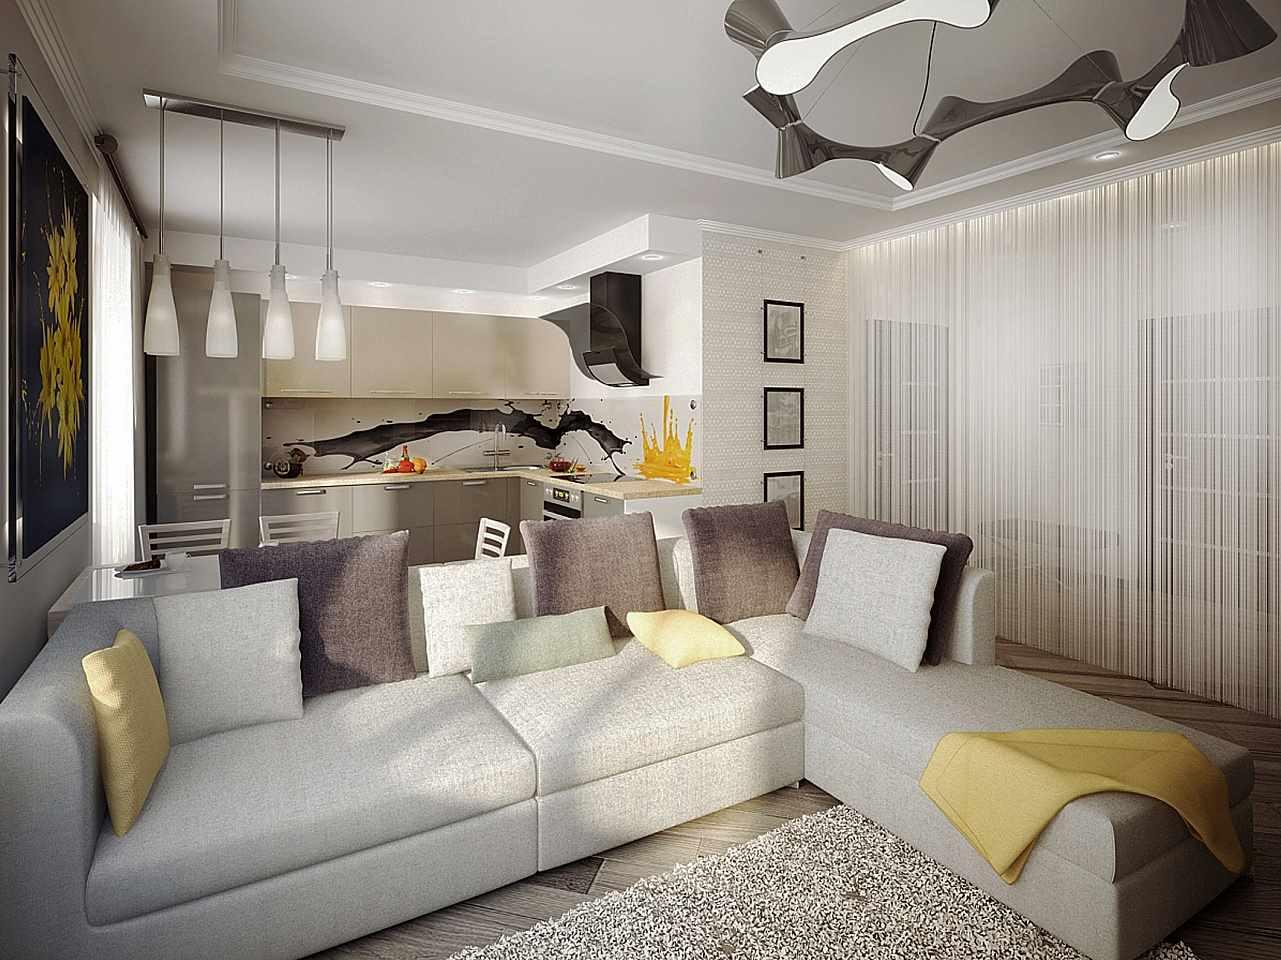 ý tưởng sử dụng trang trí phòng khách tối giản đẹp